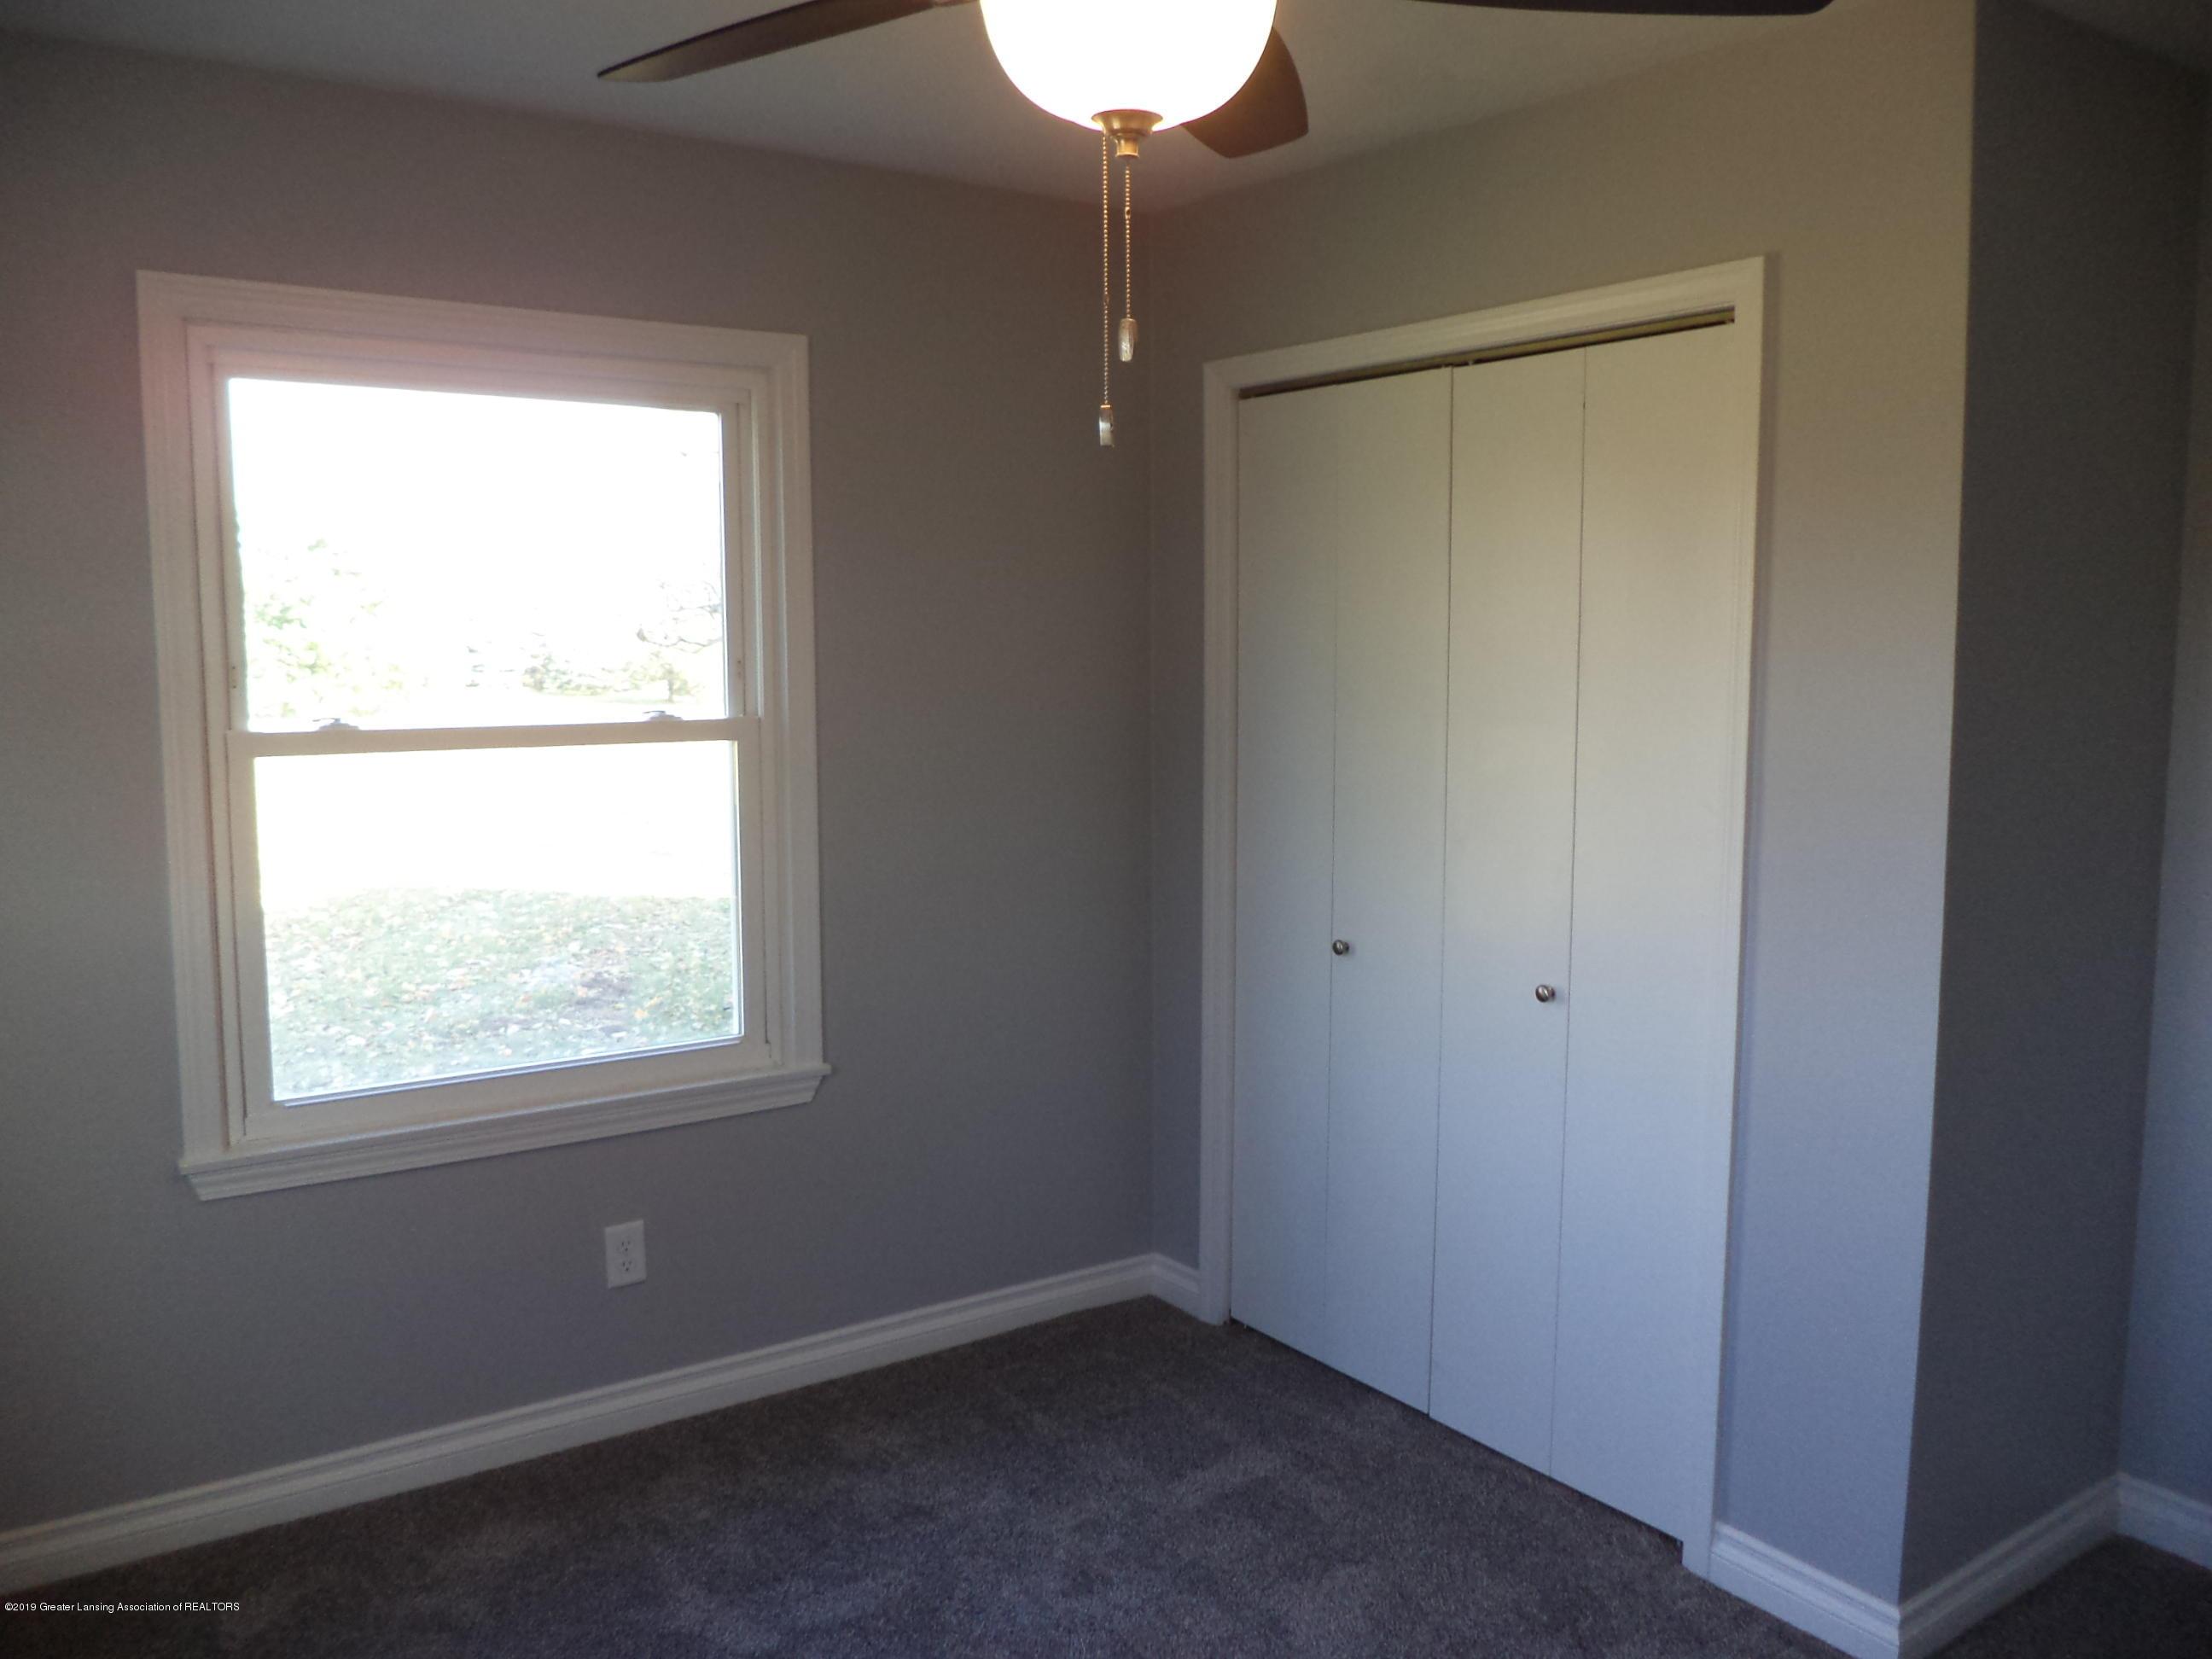 3200 S Dewitt Rd - NW Bedroom closet area - 19